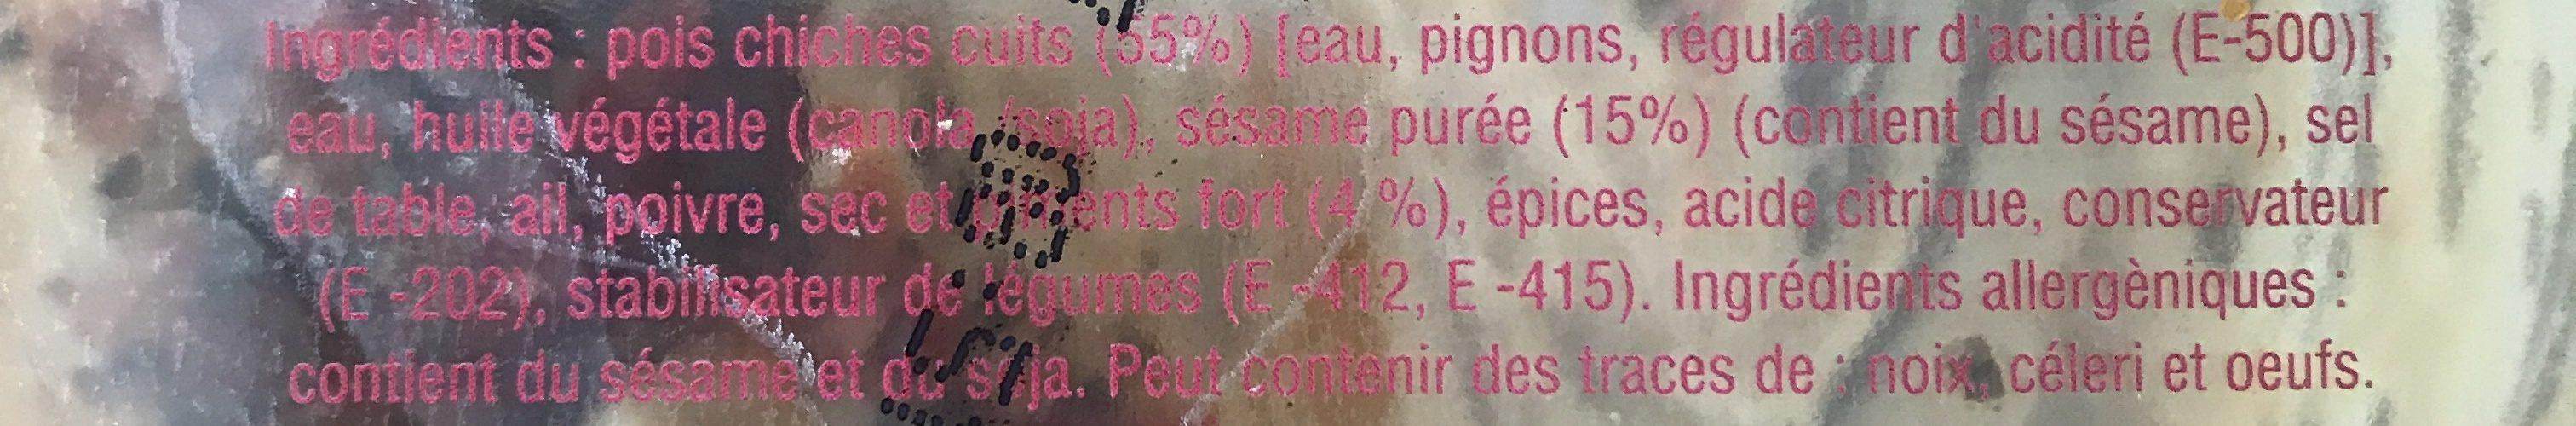 Houmous Abu-Gosh Sauce Piquante - Ingrédients - fr